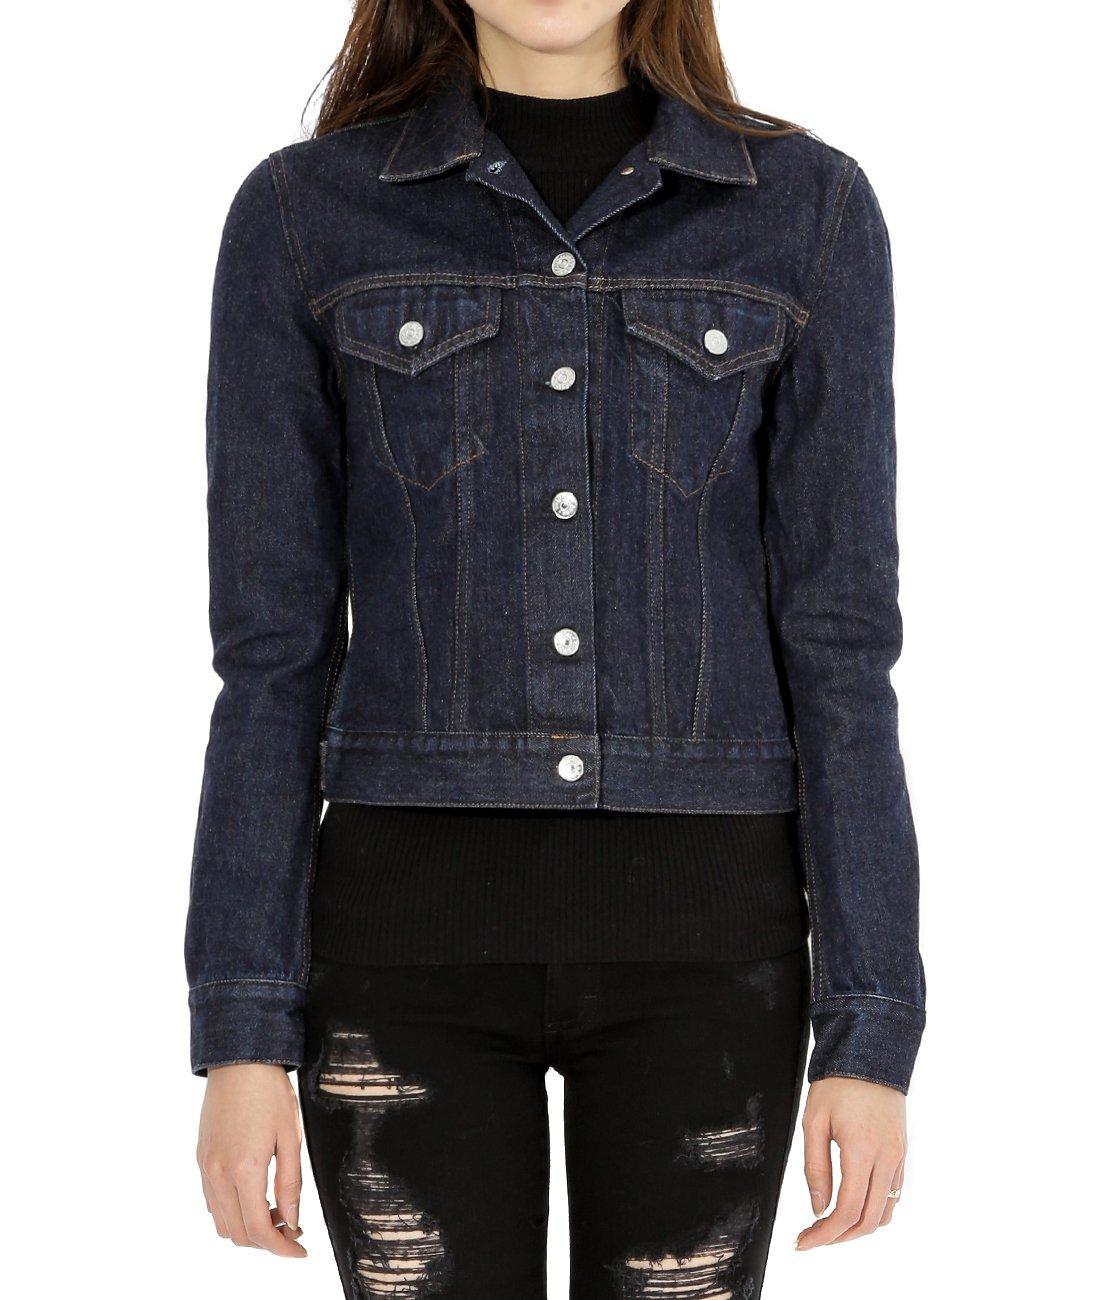 Wiberlux Acne Top New Worn Women's Short Denim Jacket 36 Dark Blue